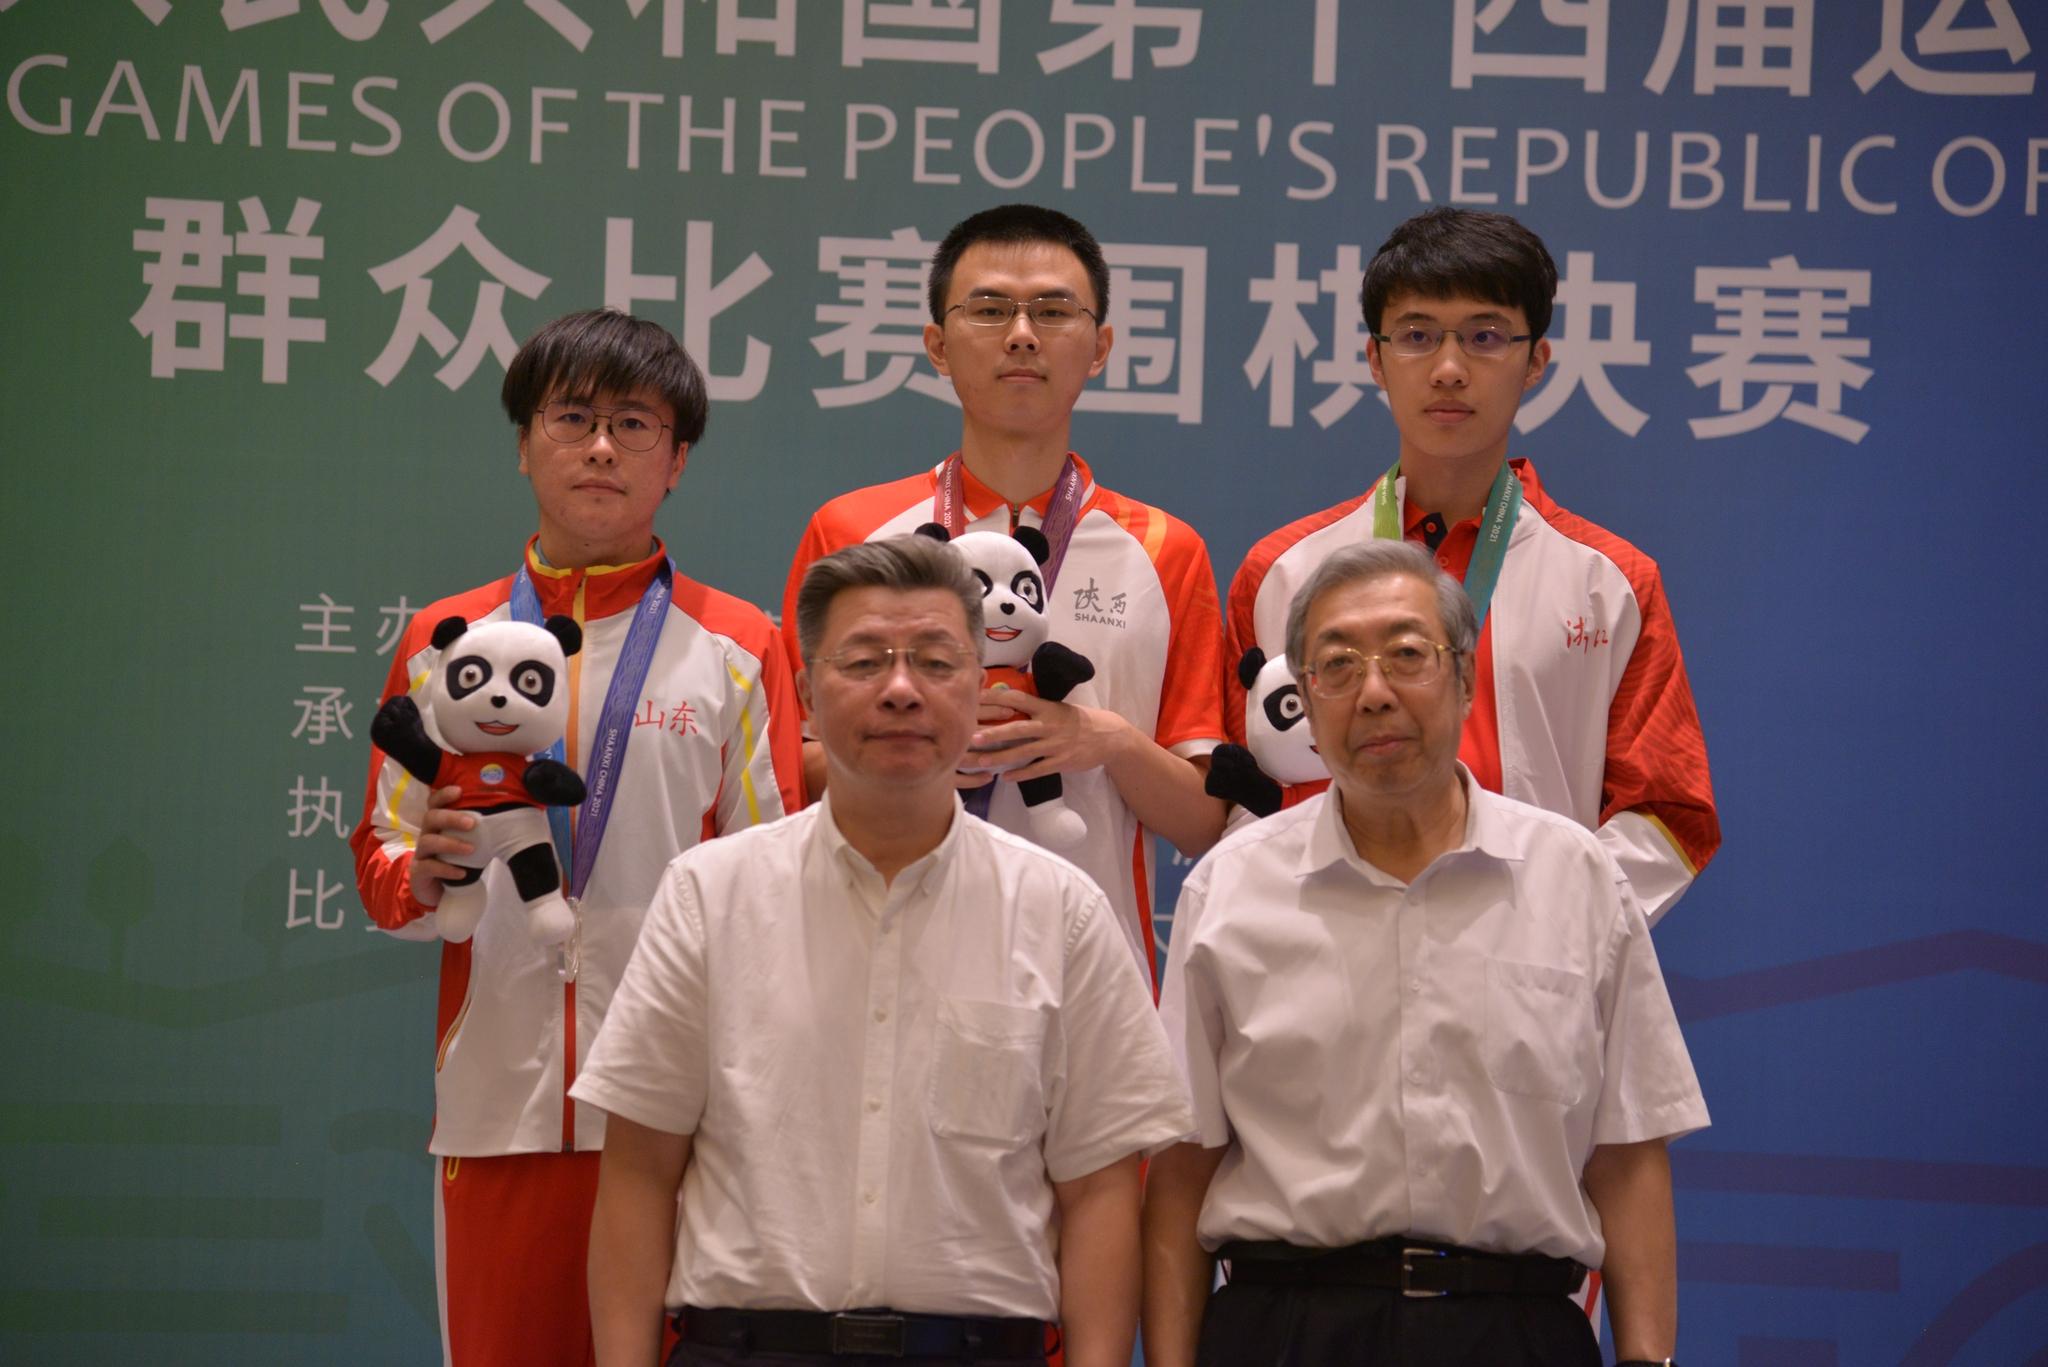 高清-全运会陶欣然汪雨博个人组夺冠